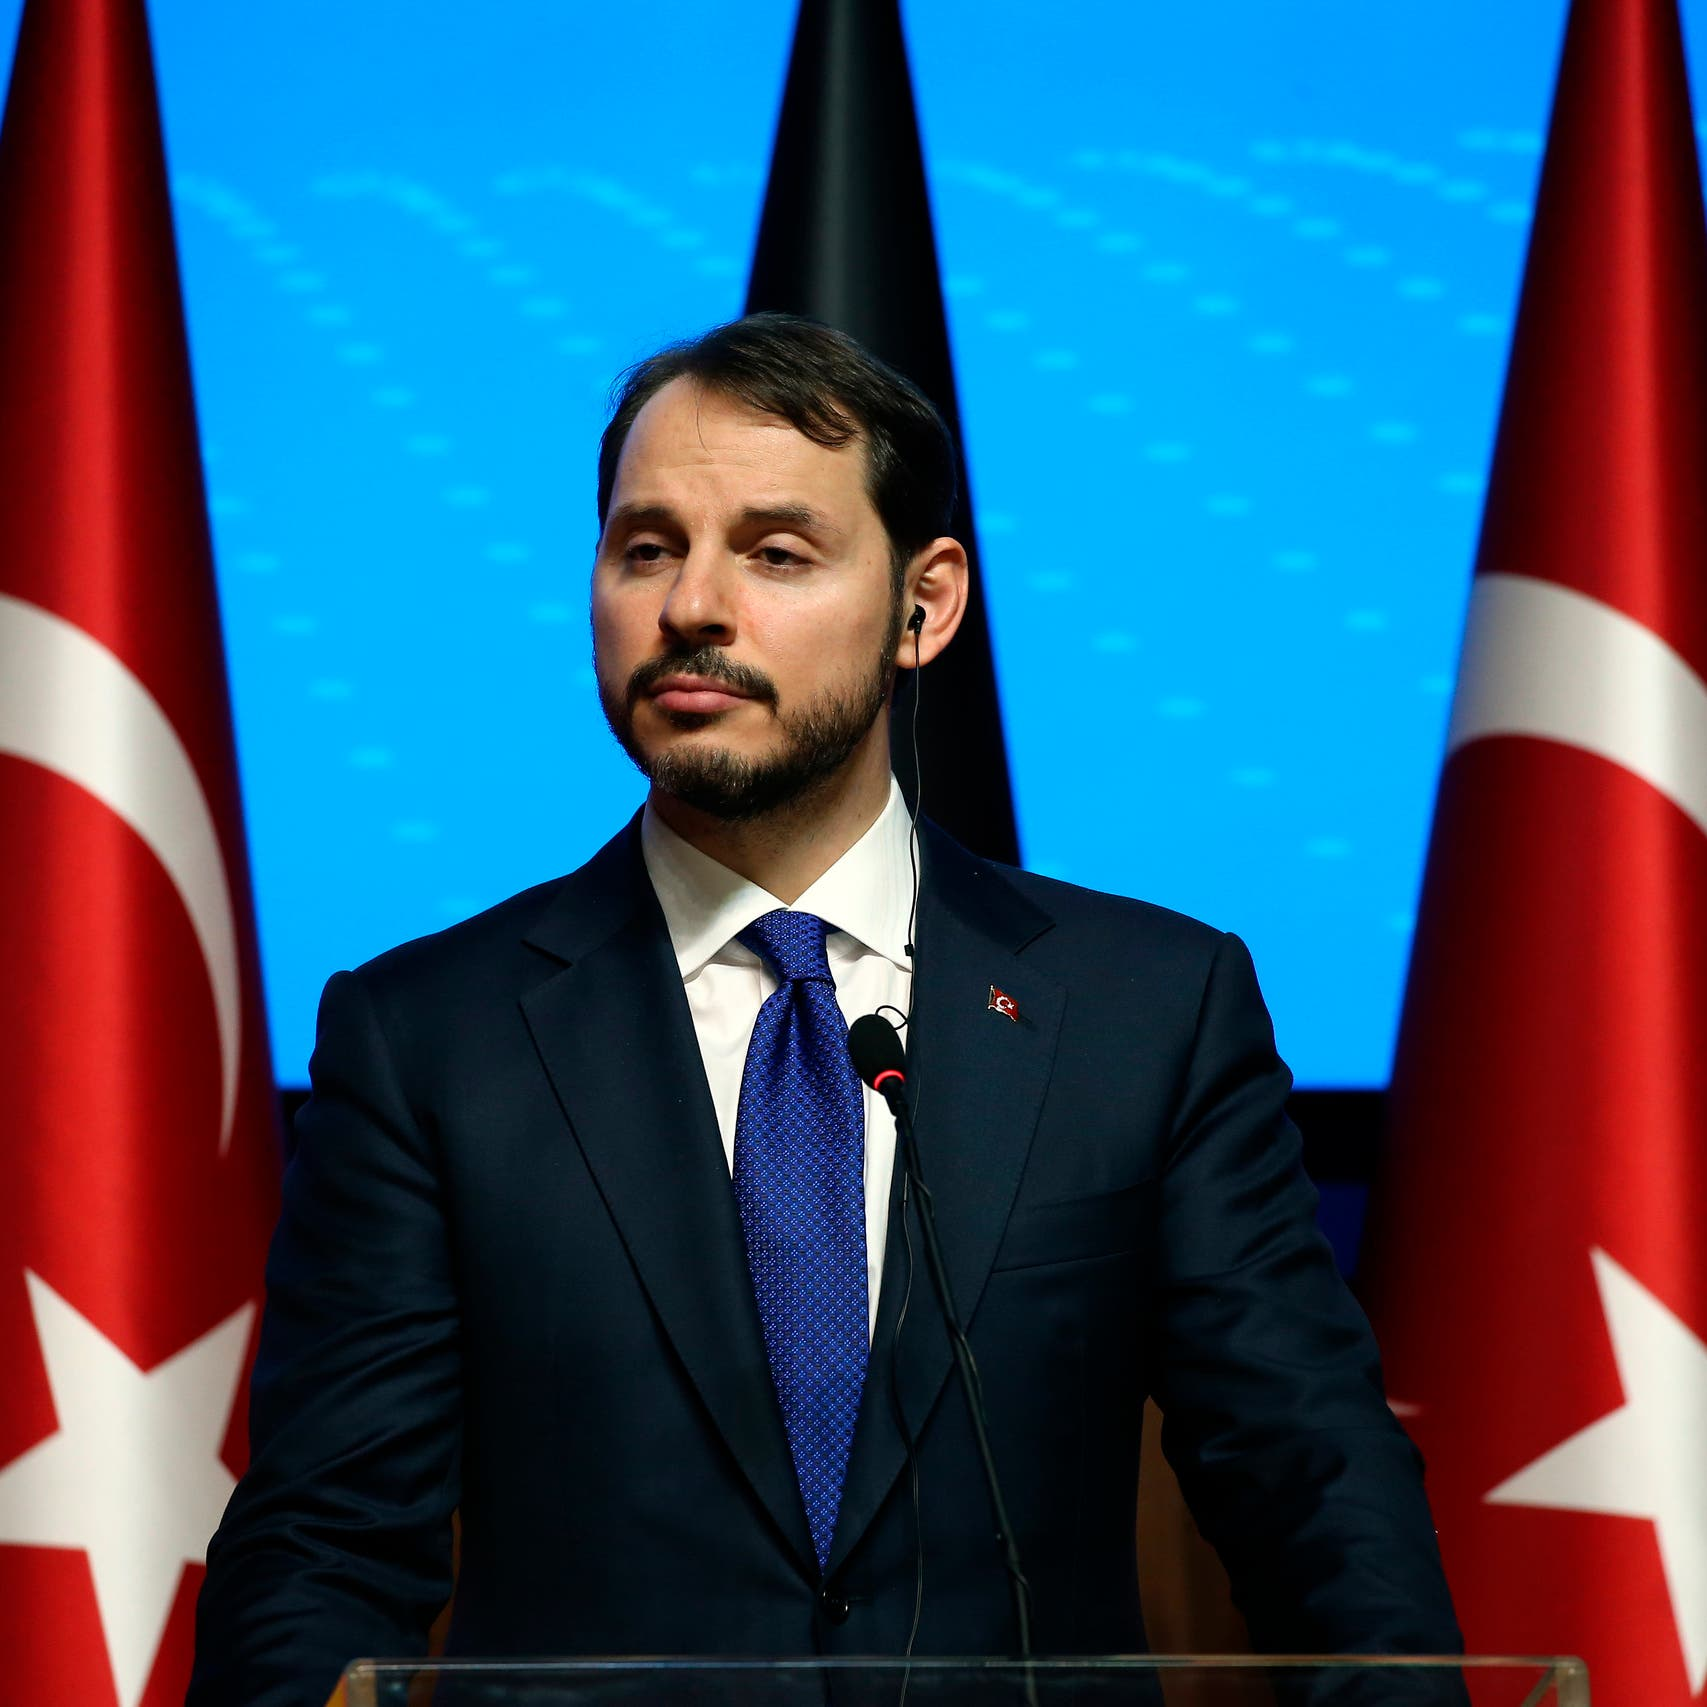 معارضو أردوغان يعلقون على استقالة صهره: تأخرت